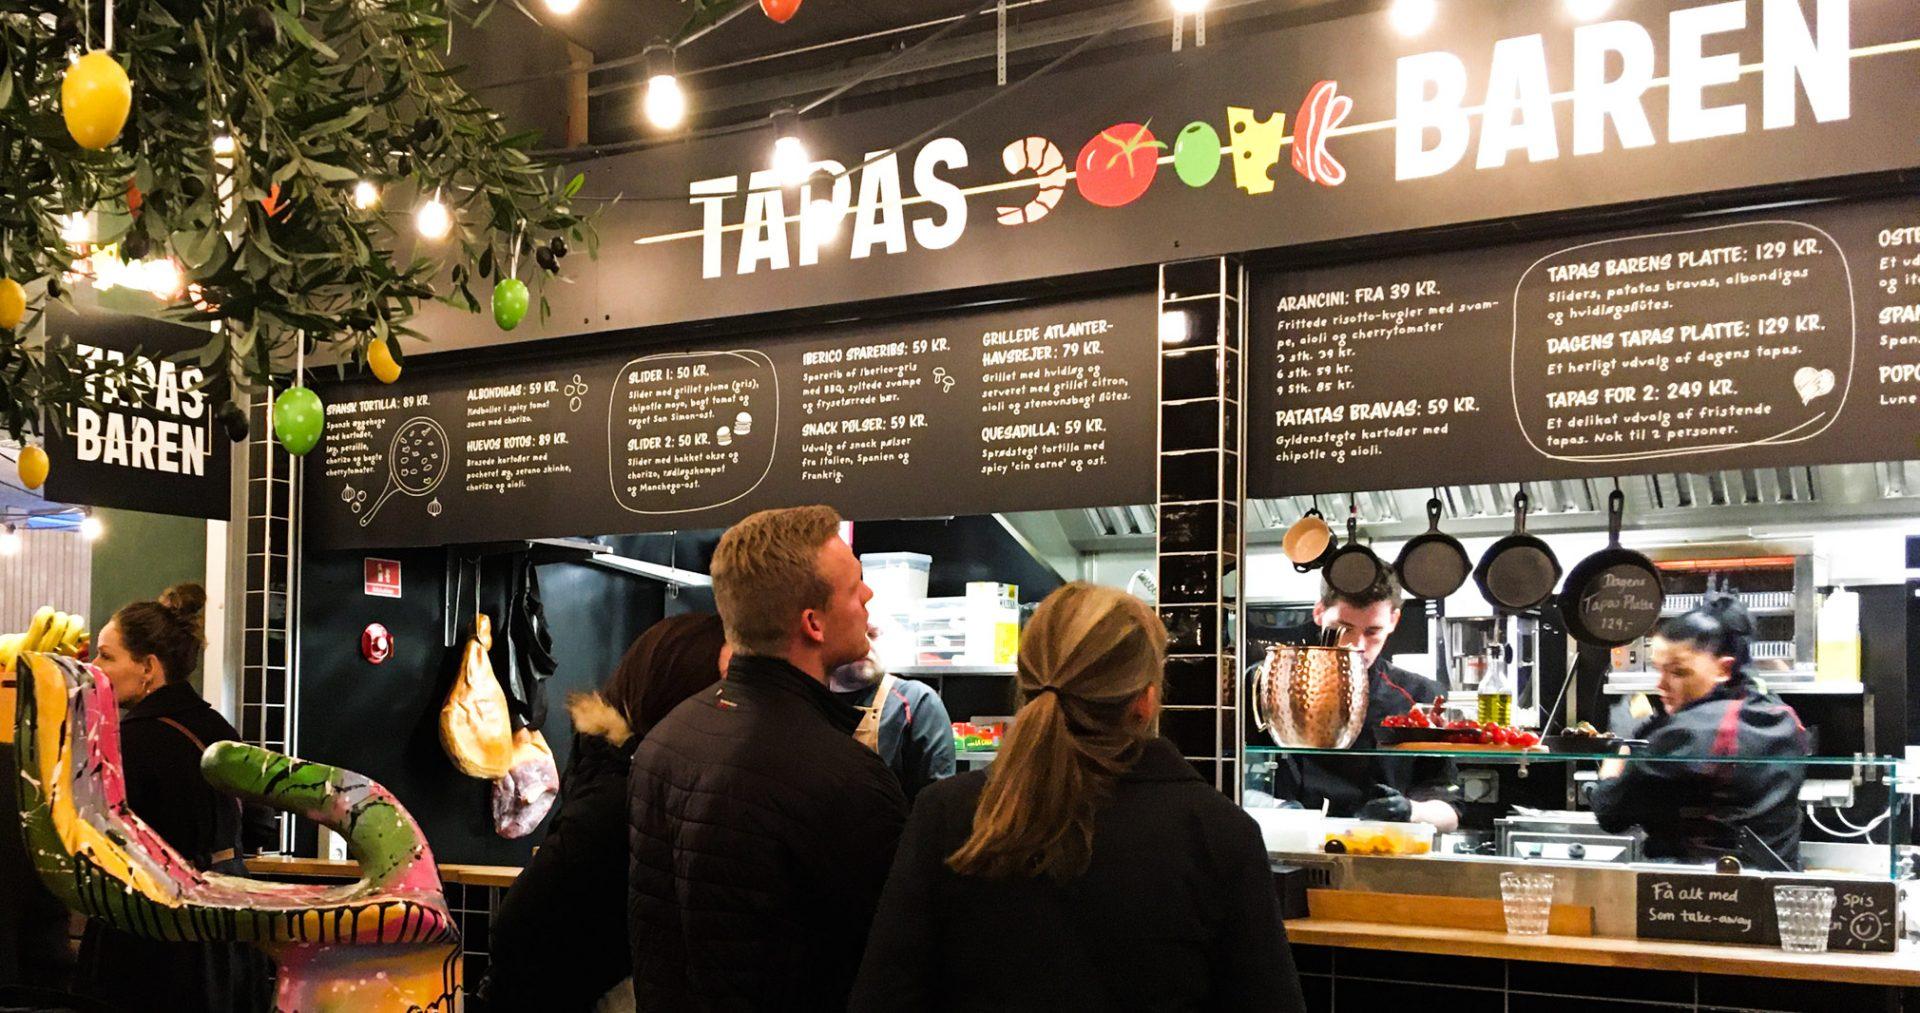 Ny spansk tapasbar åbner i Aarhus: Fejrer åbning med gratis smagsprøver